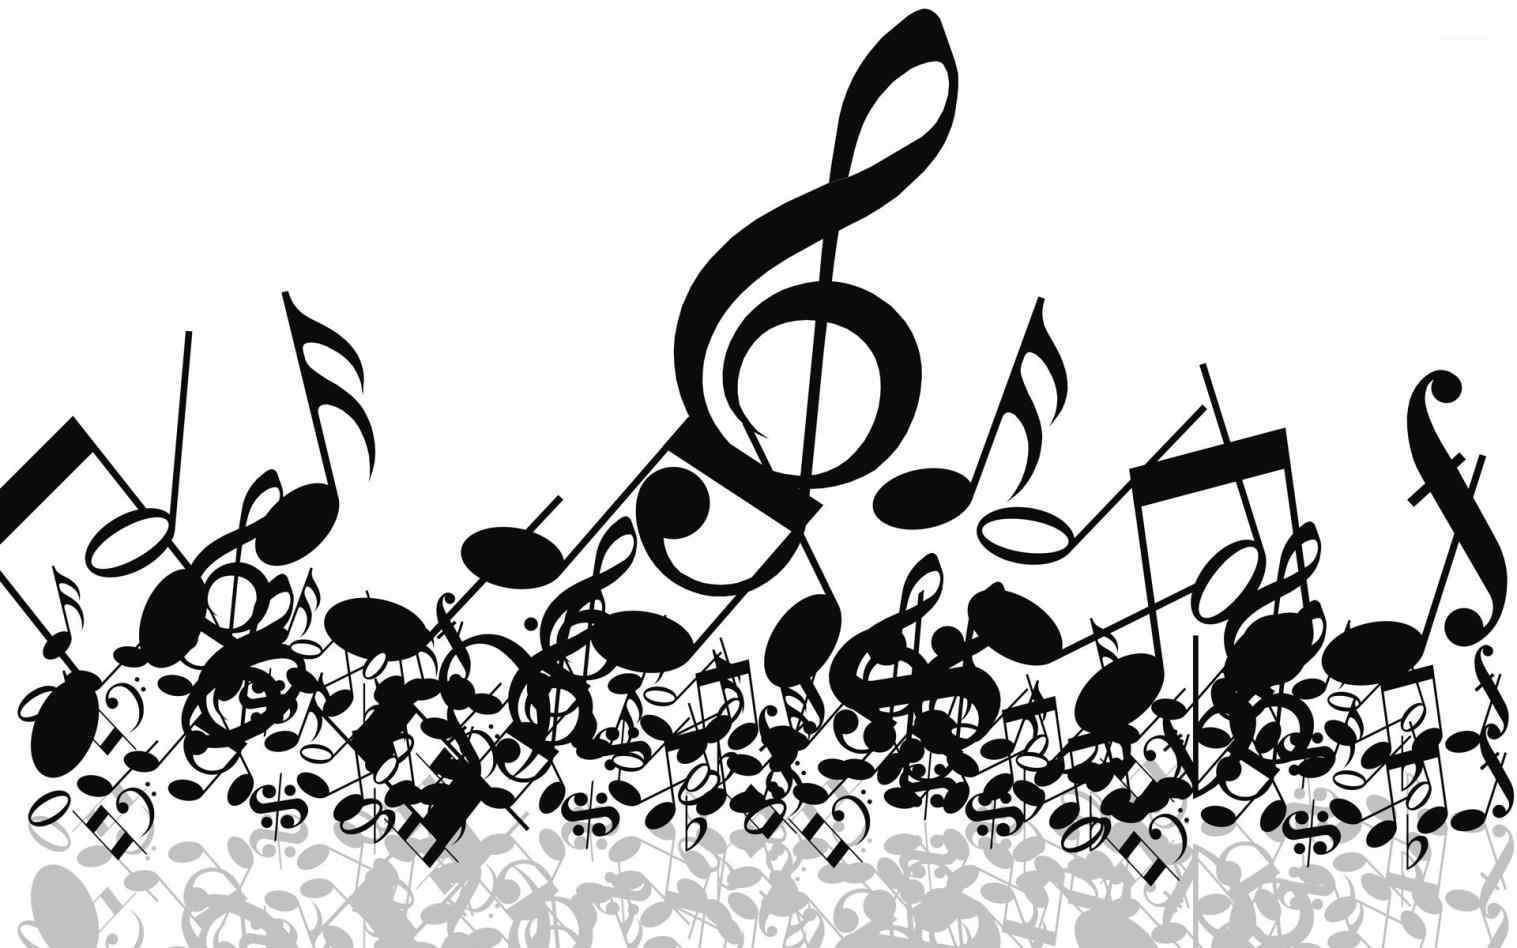 1517x948 Cool Music Notes Drawings Mayamokacomm